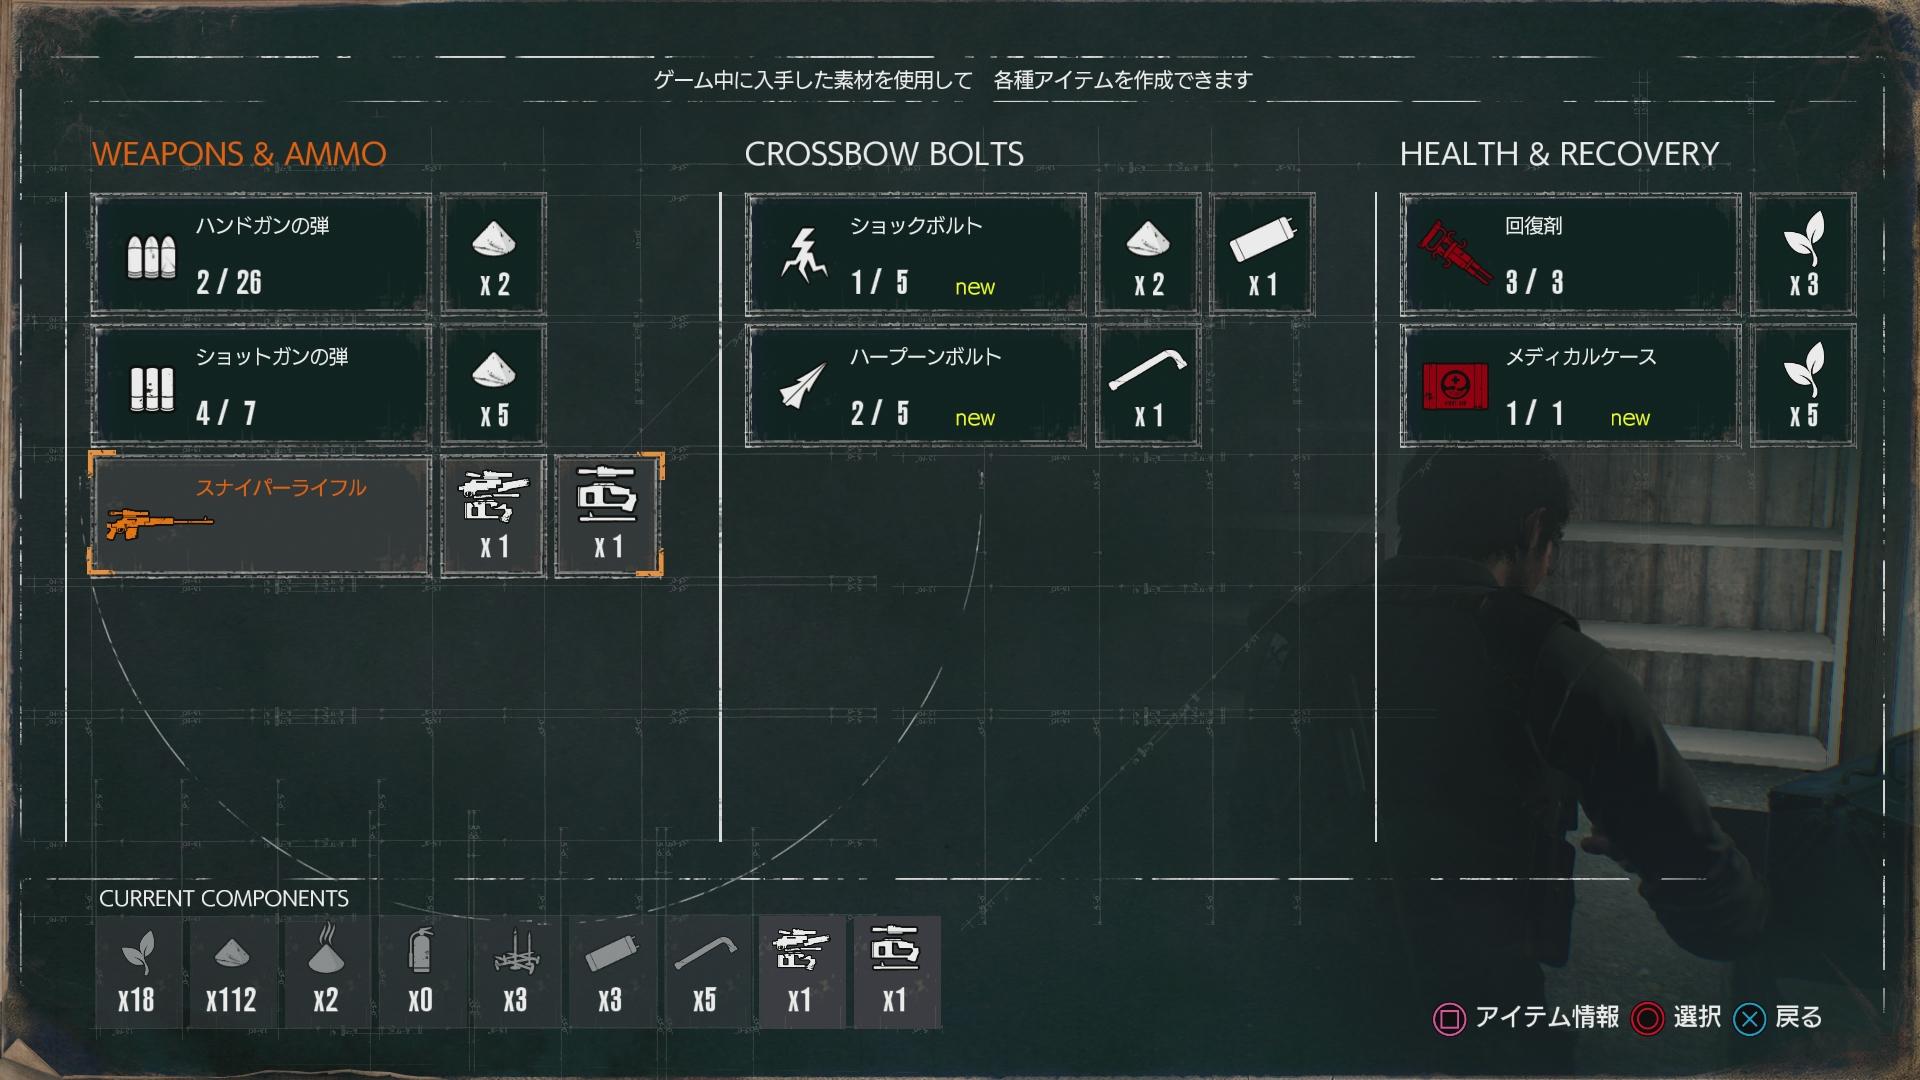 「クラフト台」では、弾薬や武器自体の製作と、武器のアップグレードが行える